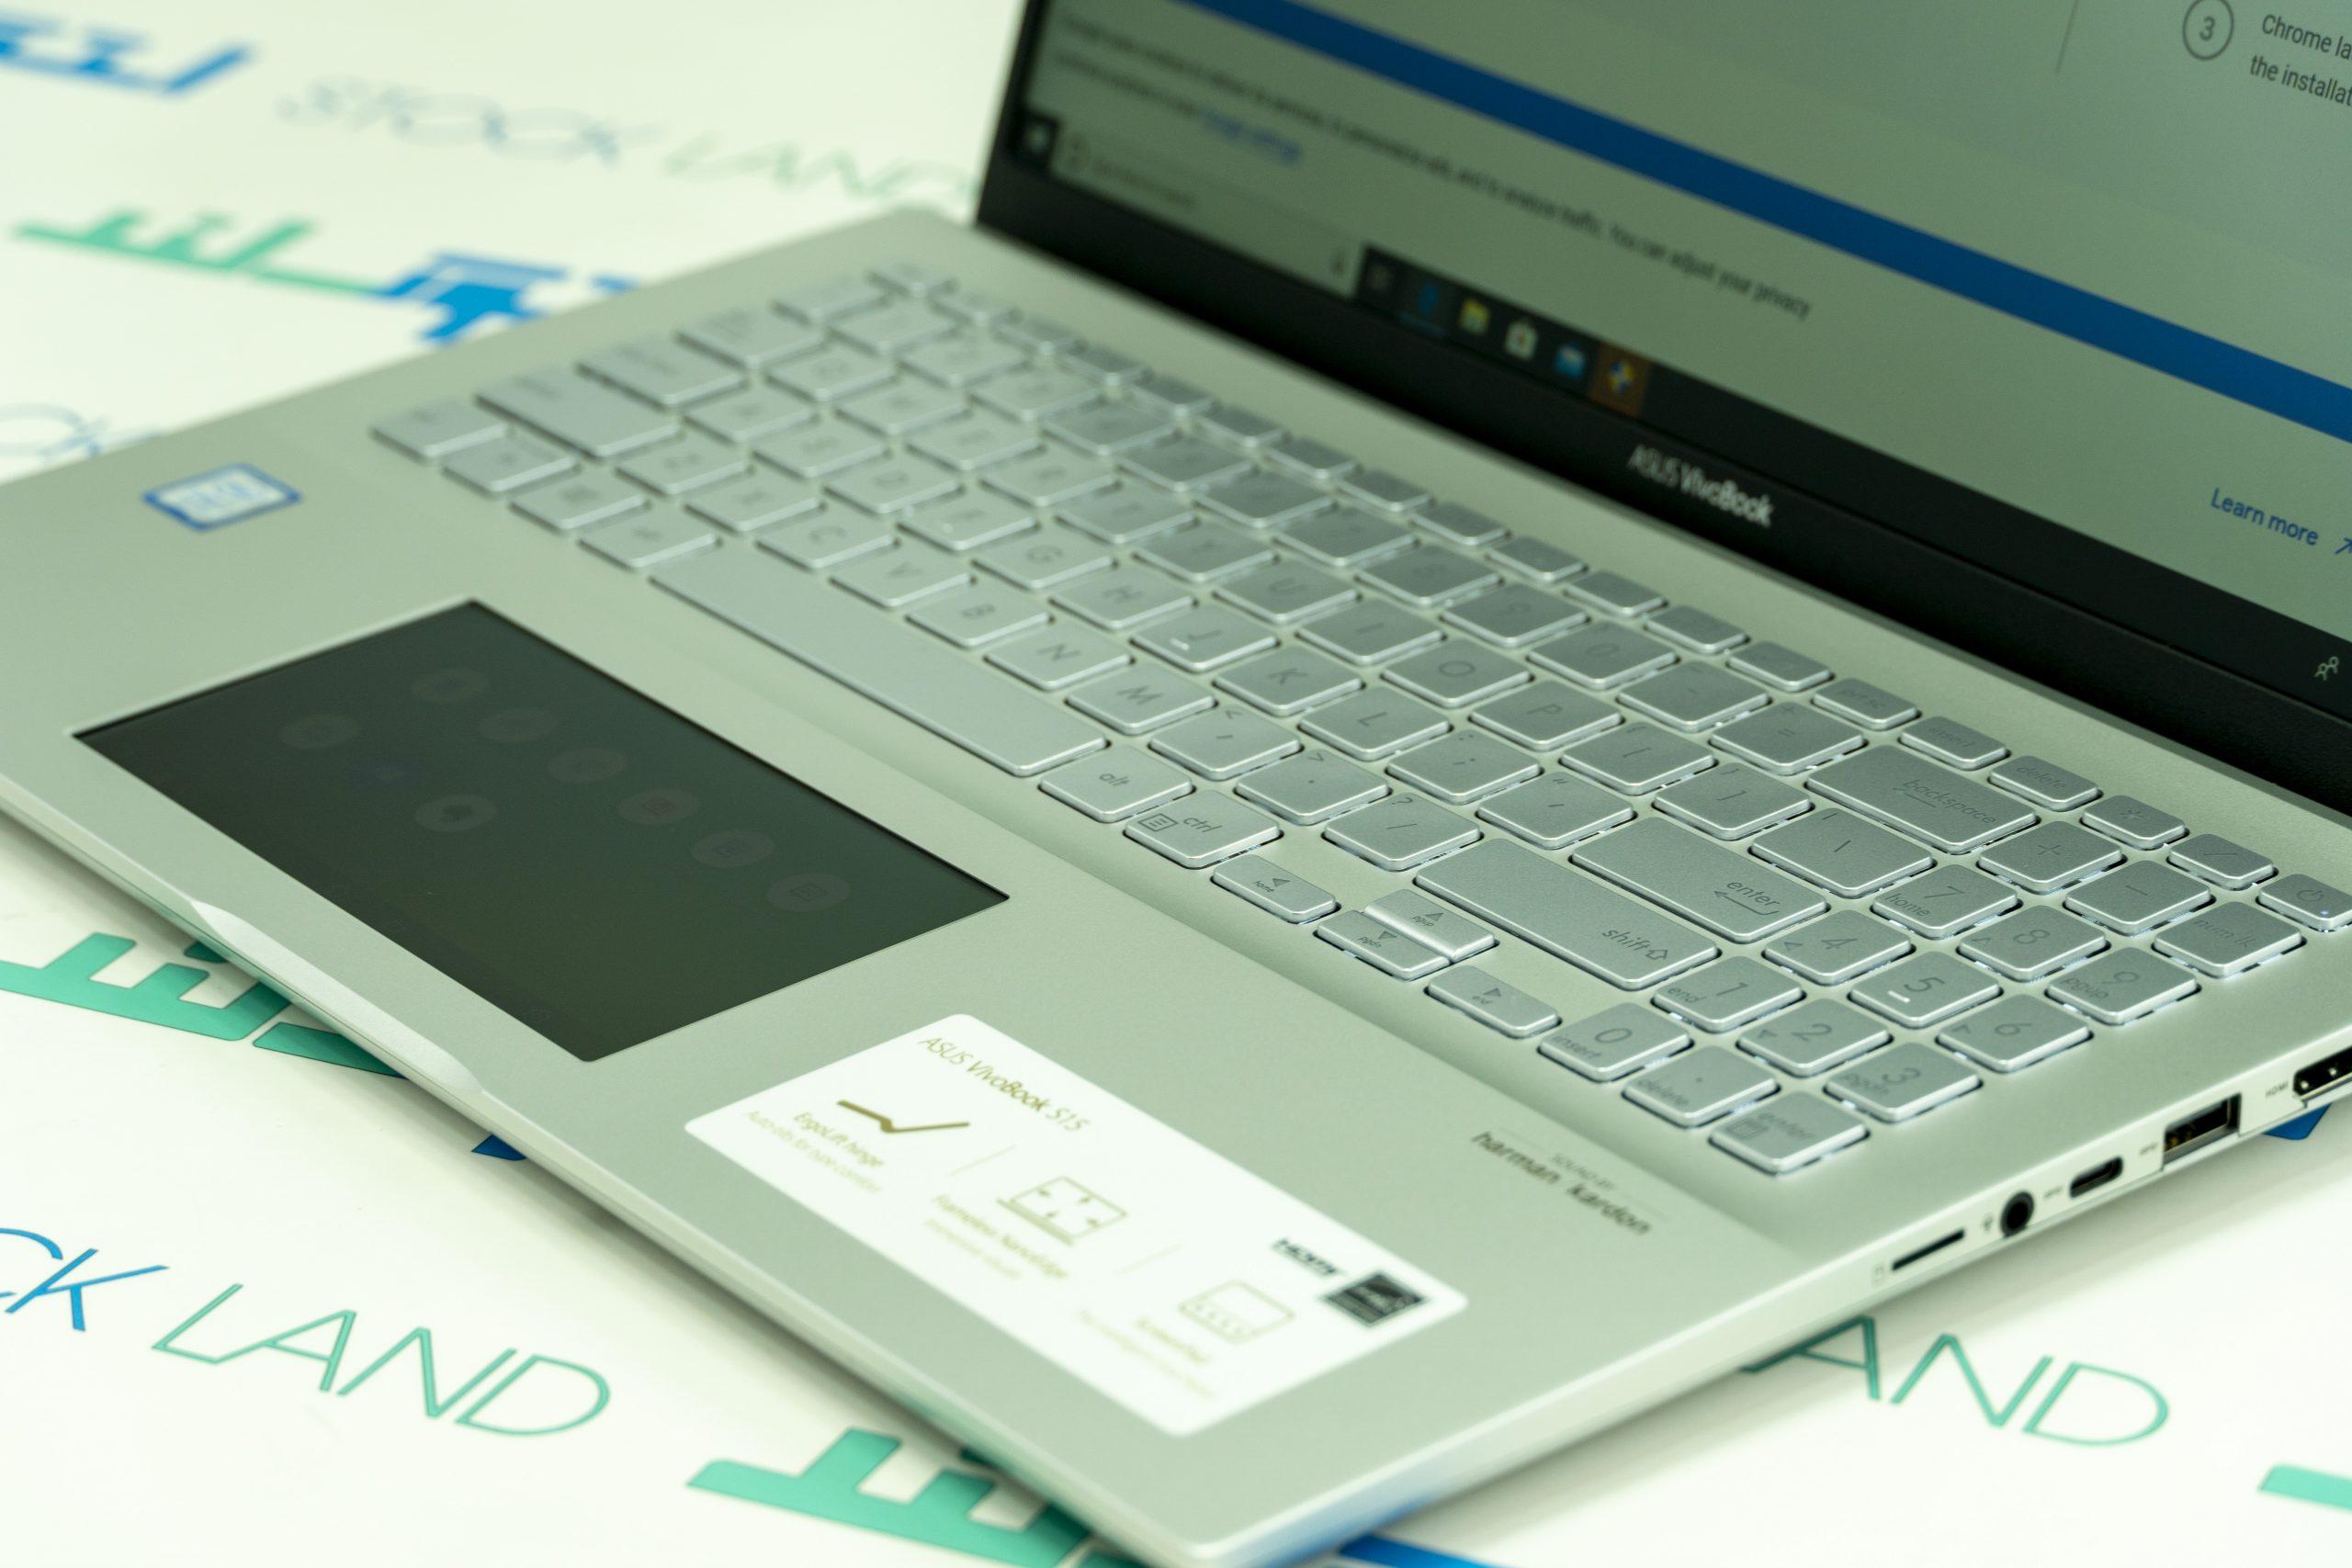 لپ تاپ ASUS مدل VivoBook S532Fa